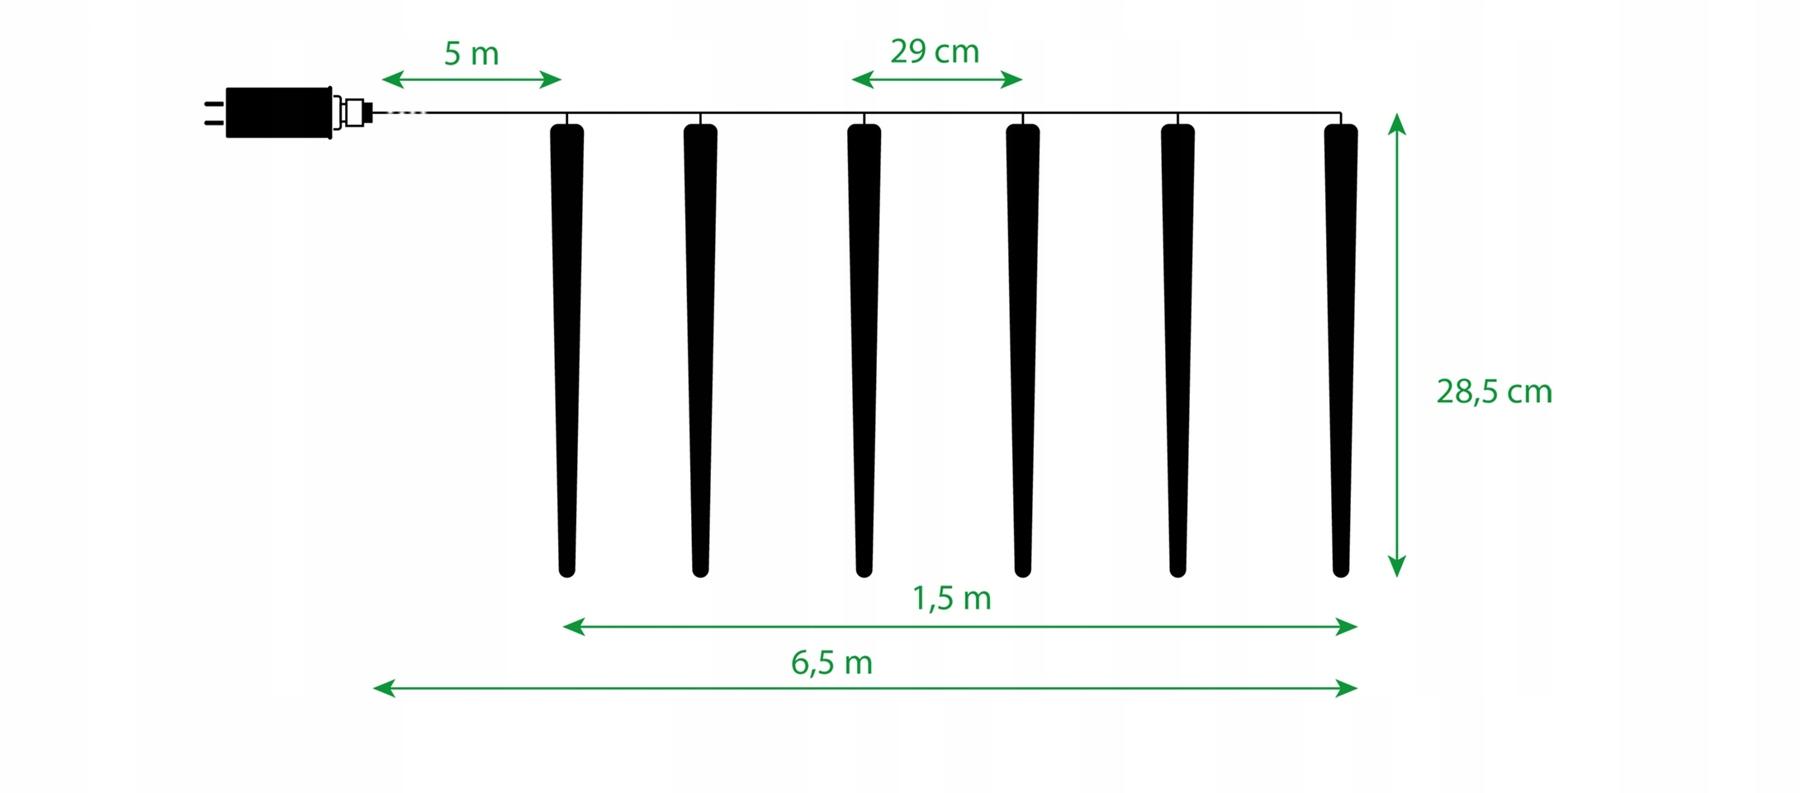 SOPLE METEORY світильники 6 шт. ПЛАВУЧИЙ 24 LED RGB 6м Кількість ламп 21-50